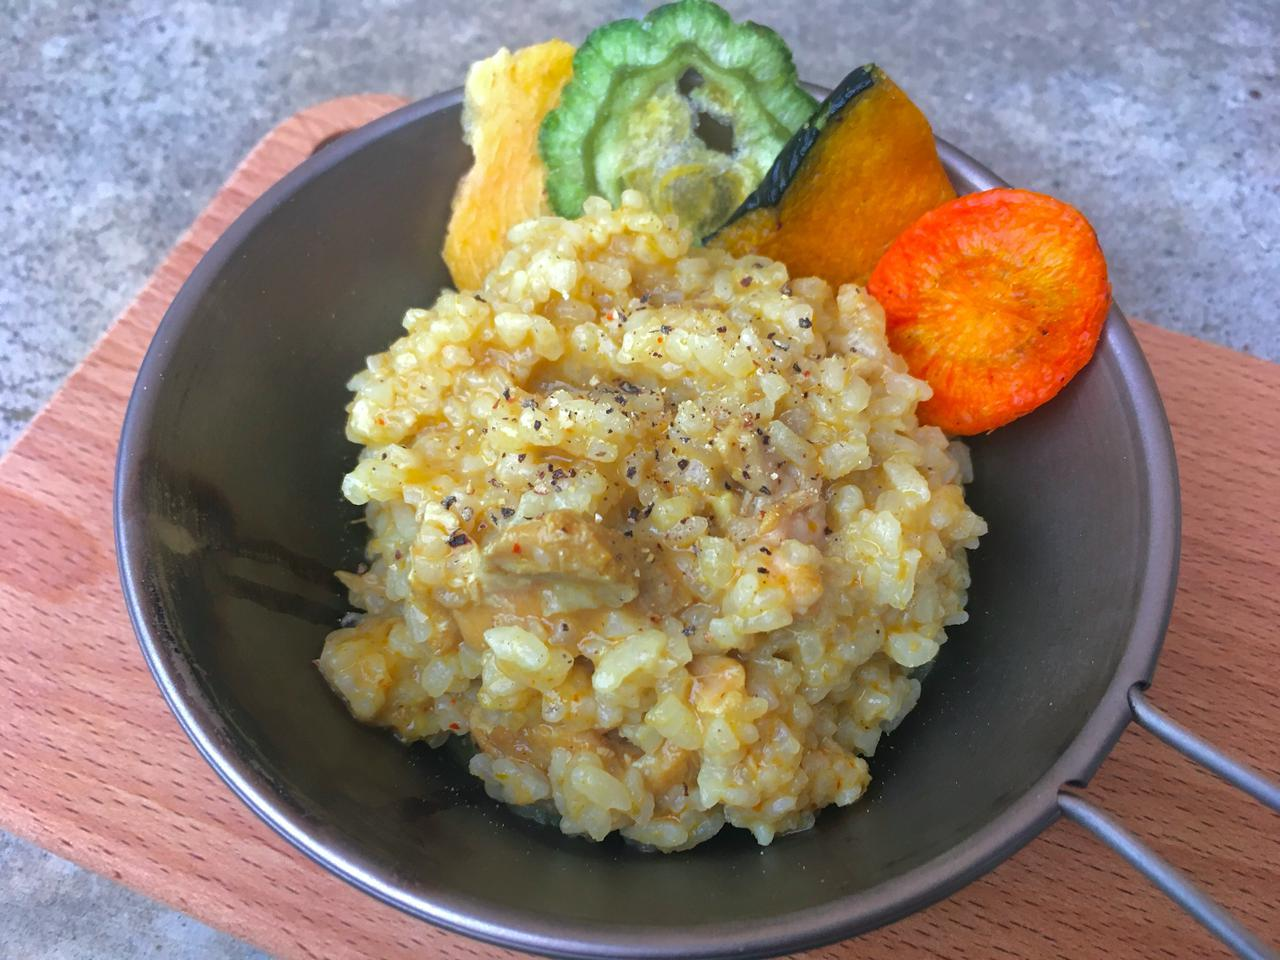 画像: 【簡単山ごはんレシピ】軽量化におすすめの「アルファ米」を使用したカレー飯をご紹介 - ハピキャン(HAPPY CAMPER)